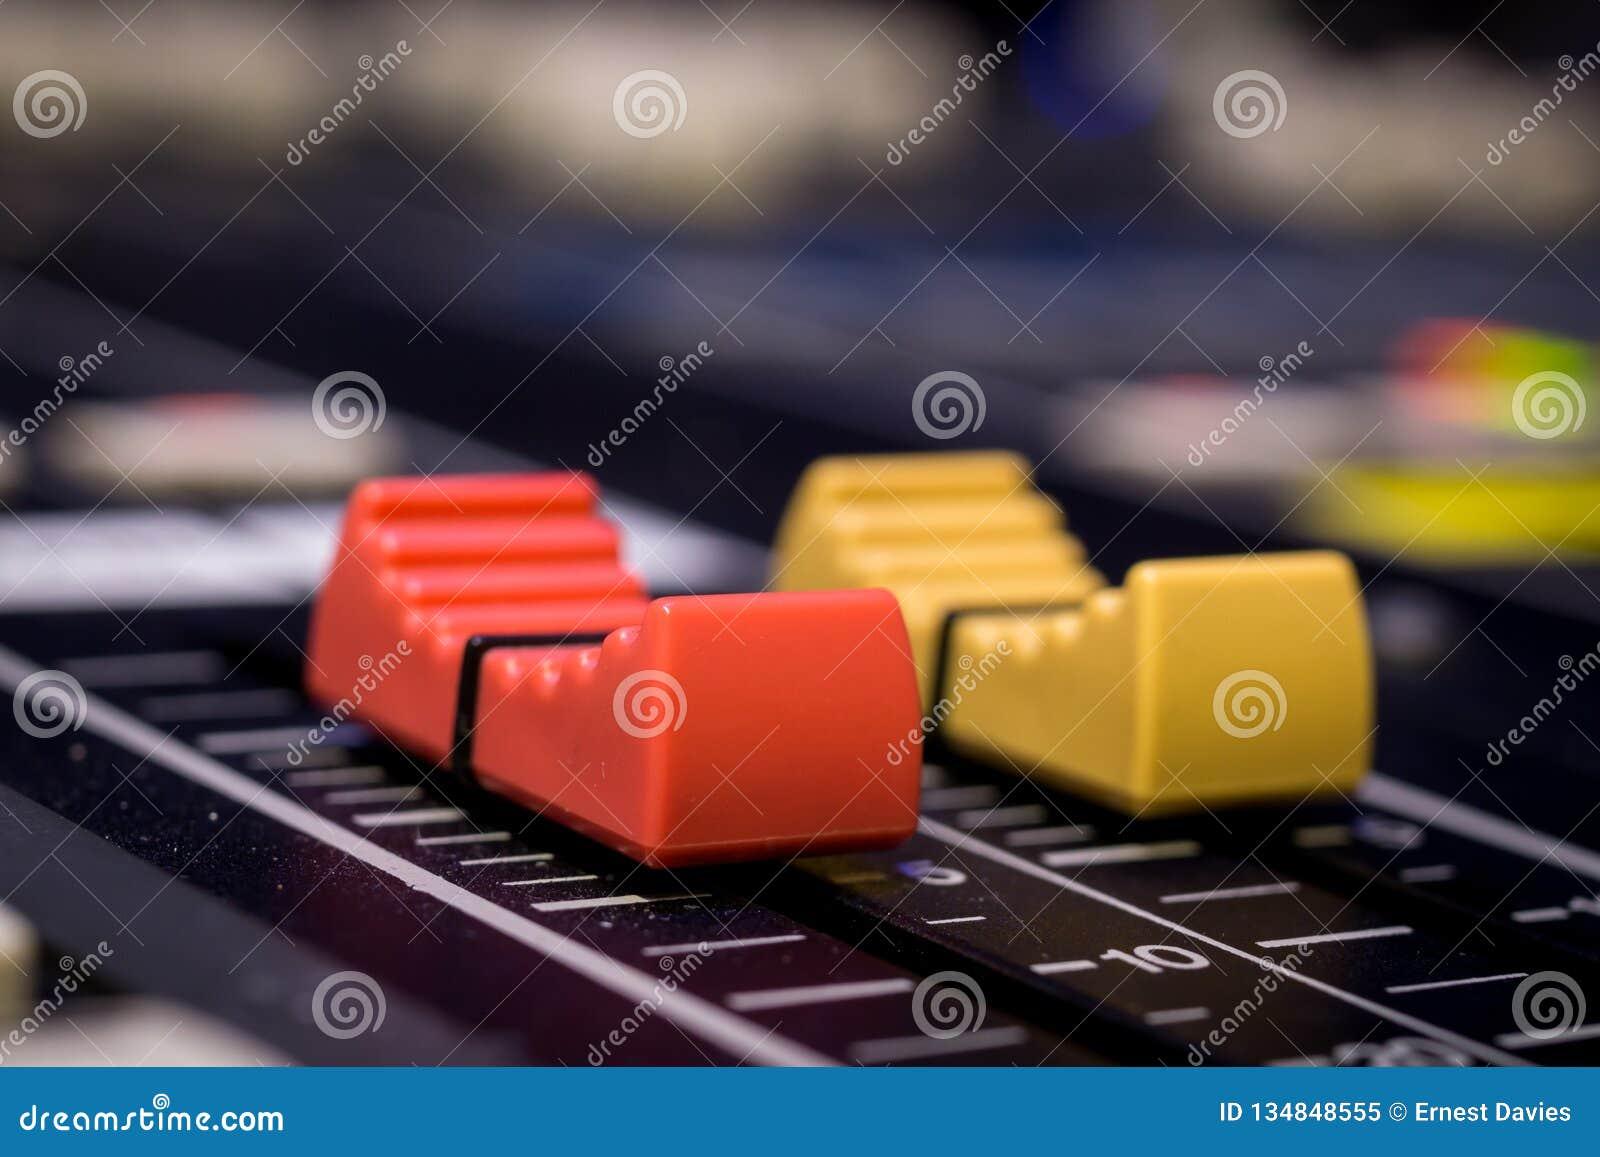 Atenuadores rojos y amarillos de la consola de mezcla audio profesional